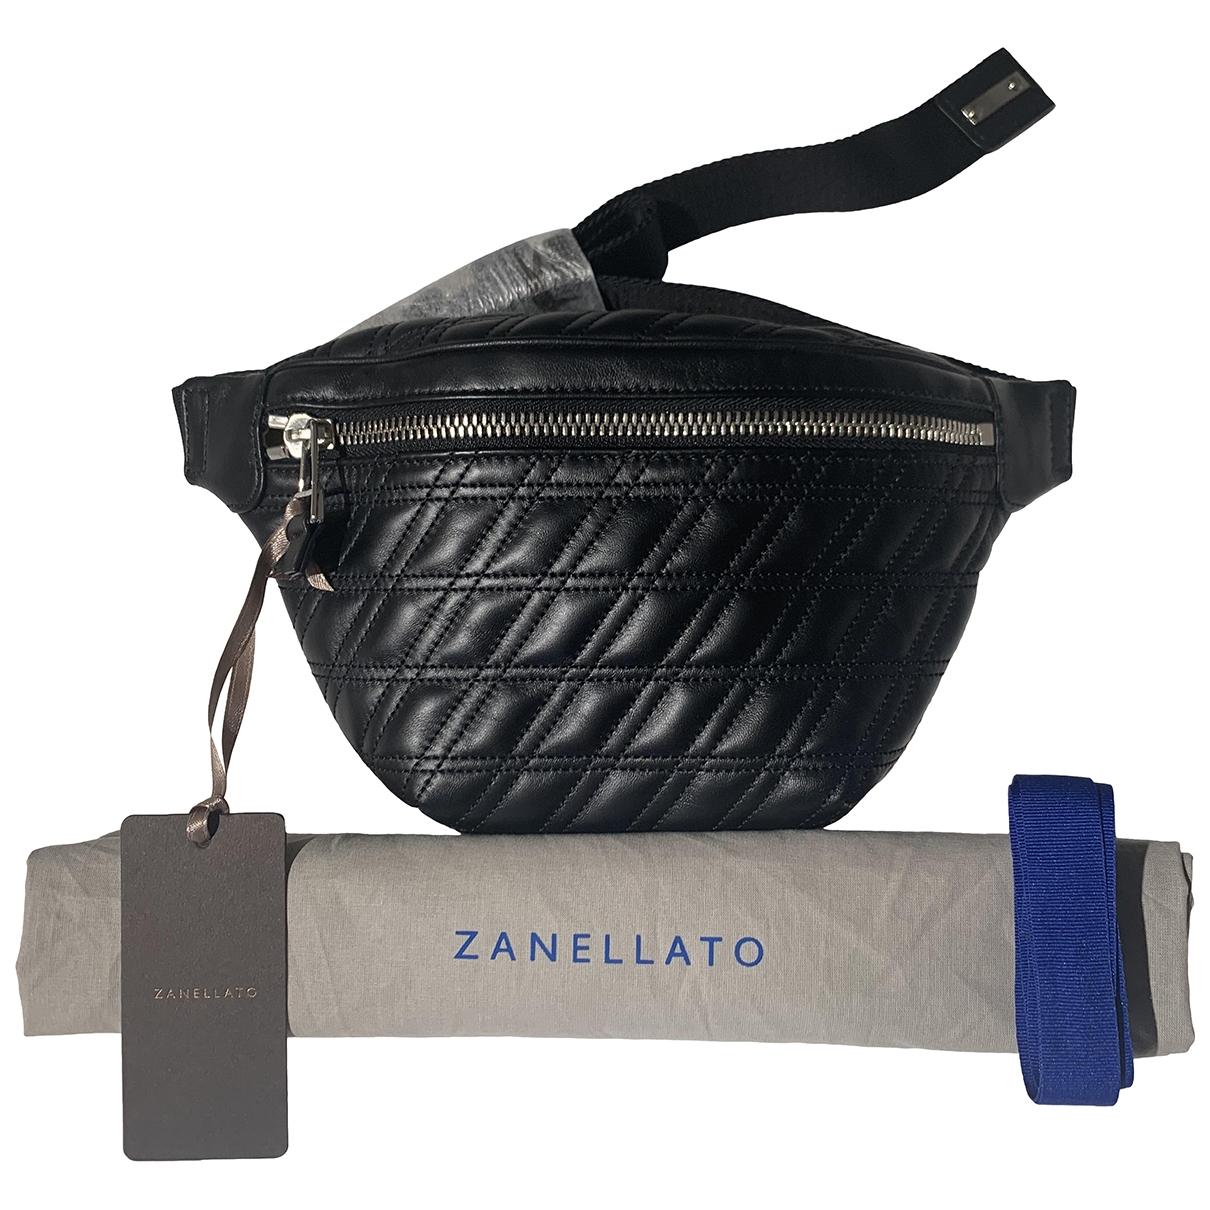 Zanellato - Petite maroquinerie   pour homme en cuir - noir